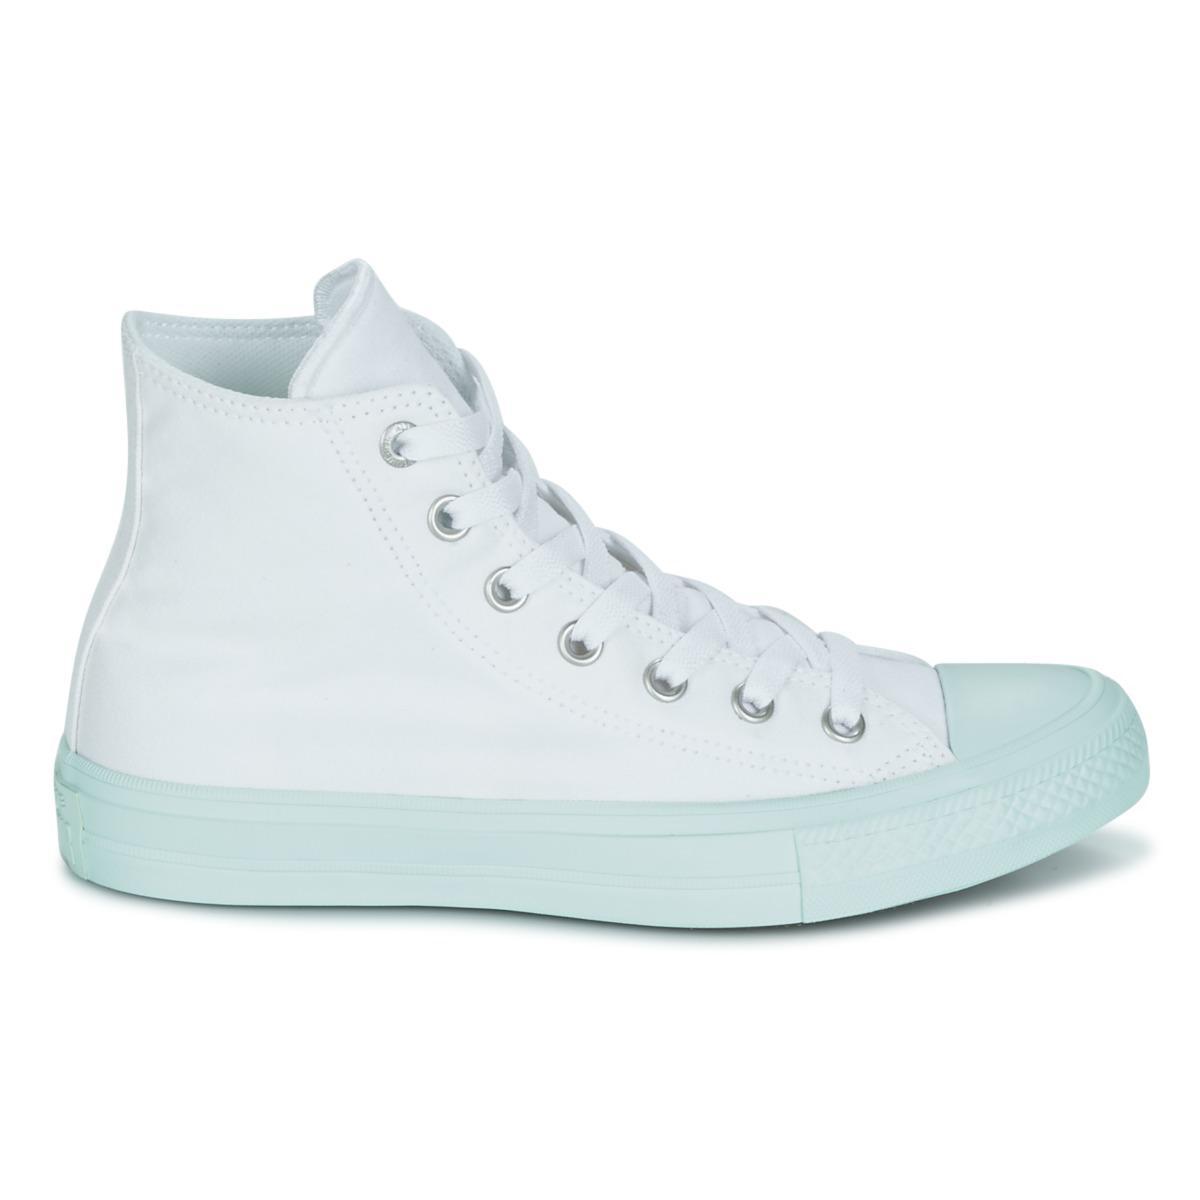 03d541a7679 Converse Ii Taylor Shoes top Hi Pastel All Star Chuck high Midsoles  7aTnw7qRr